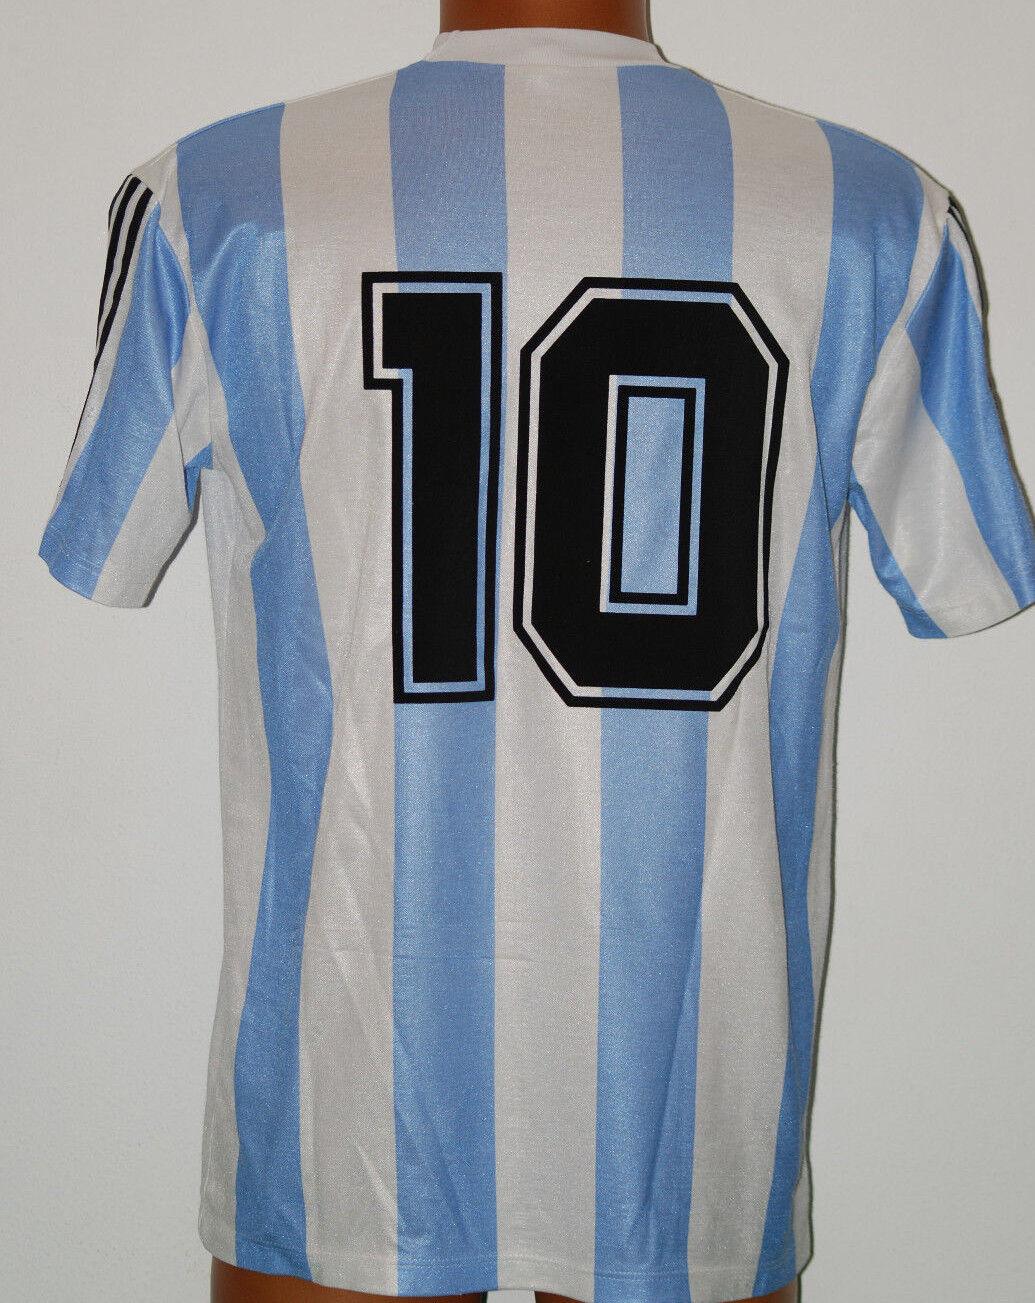 10 DIEGO MARADONA plataINA MAGLIA SHIRT CALCIO FOOTBALL MAILLOT JERSEY CAMISETA